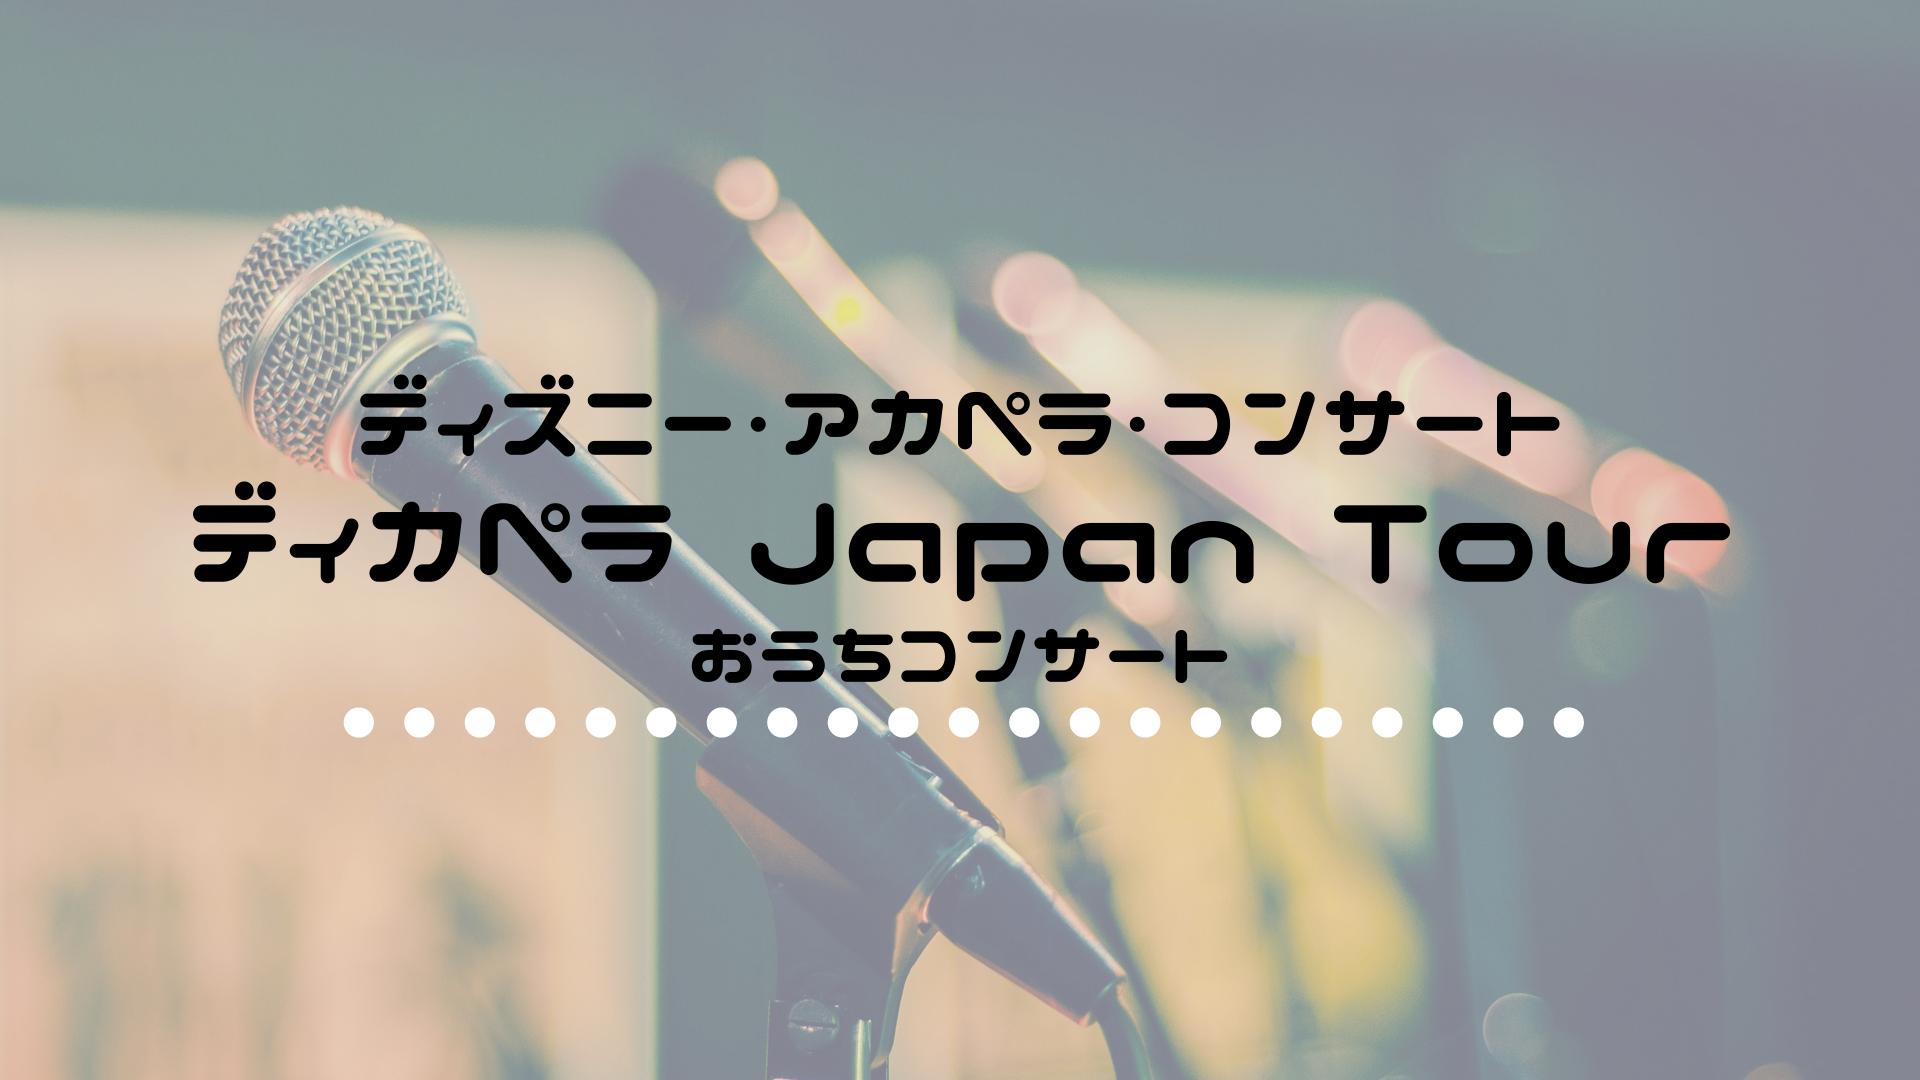 【おうちコンサート】ディズニー・アカペラコンサート ディカペラ Japan Tour